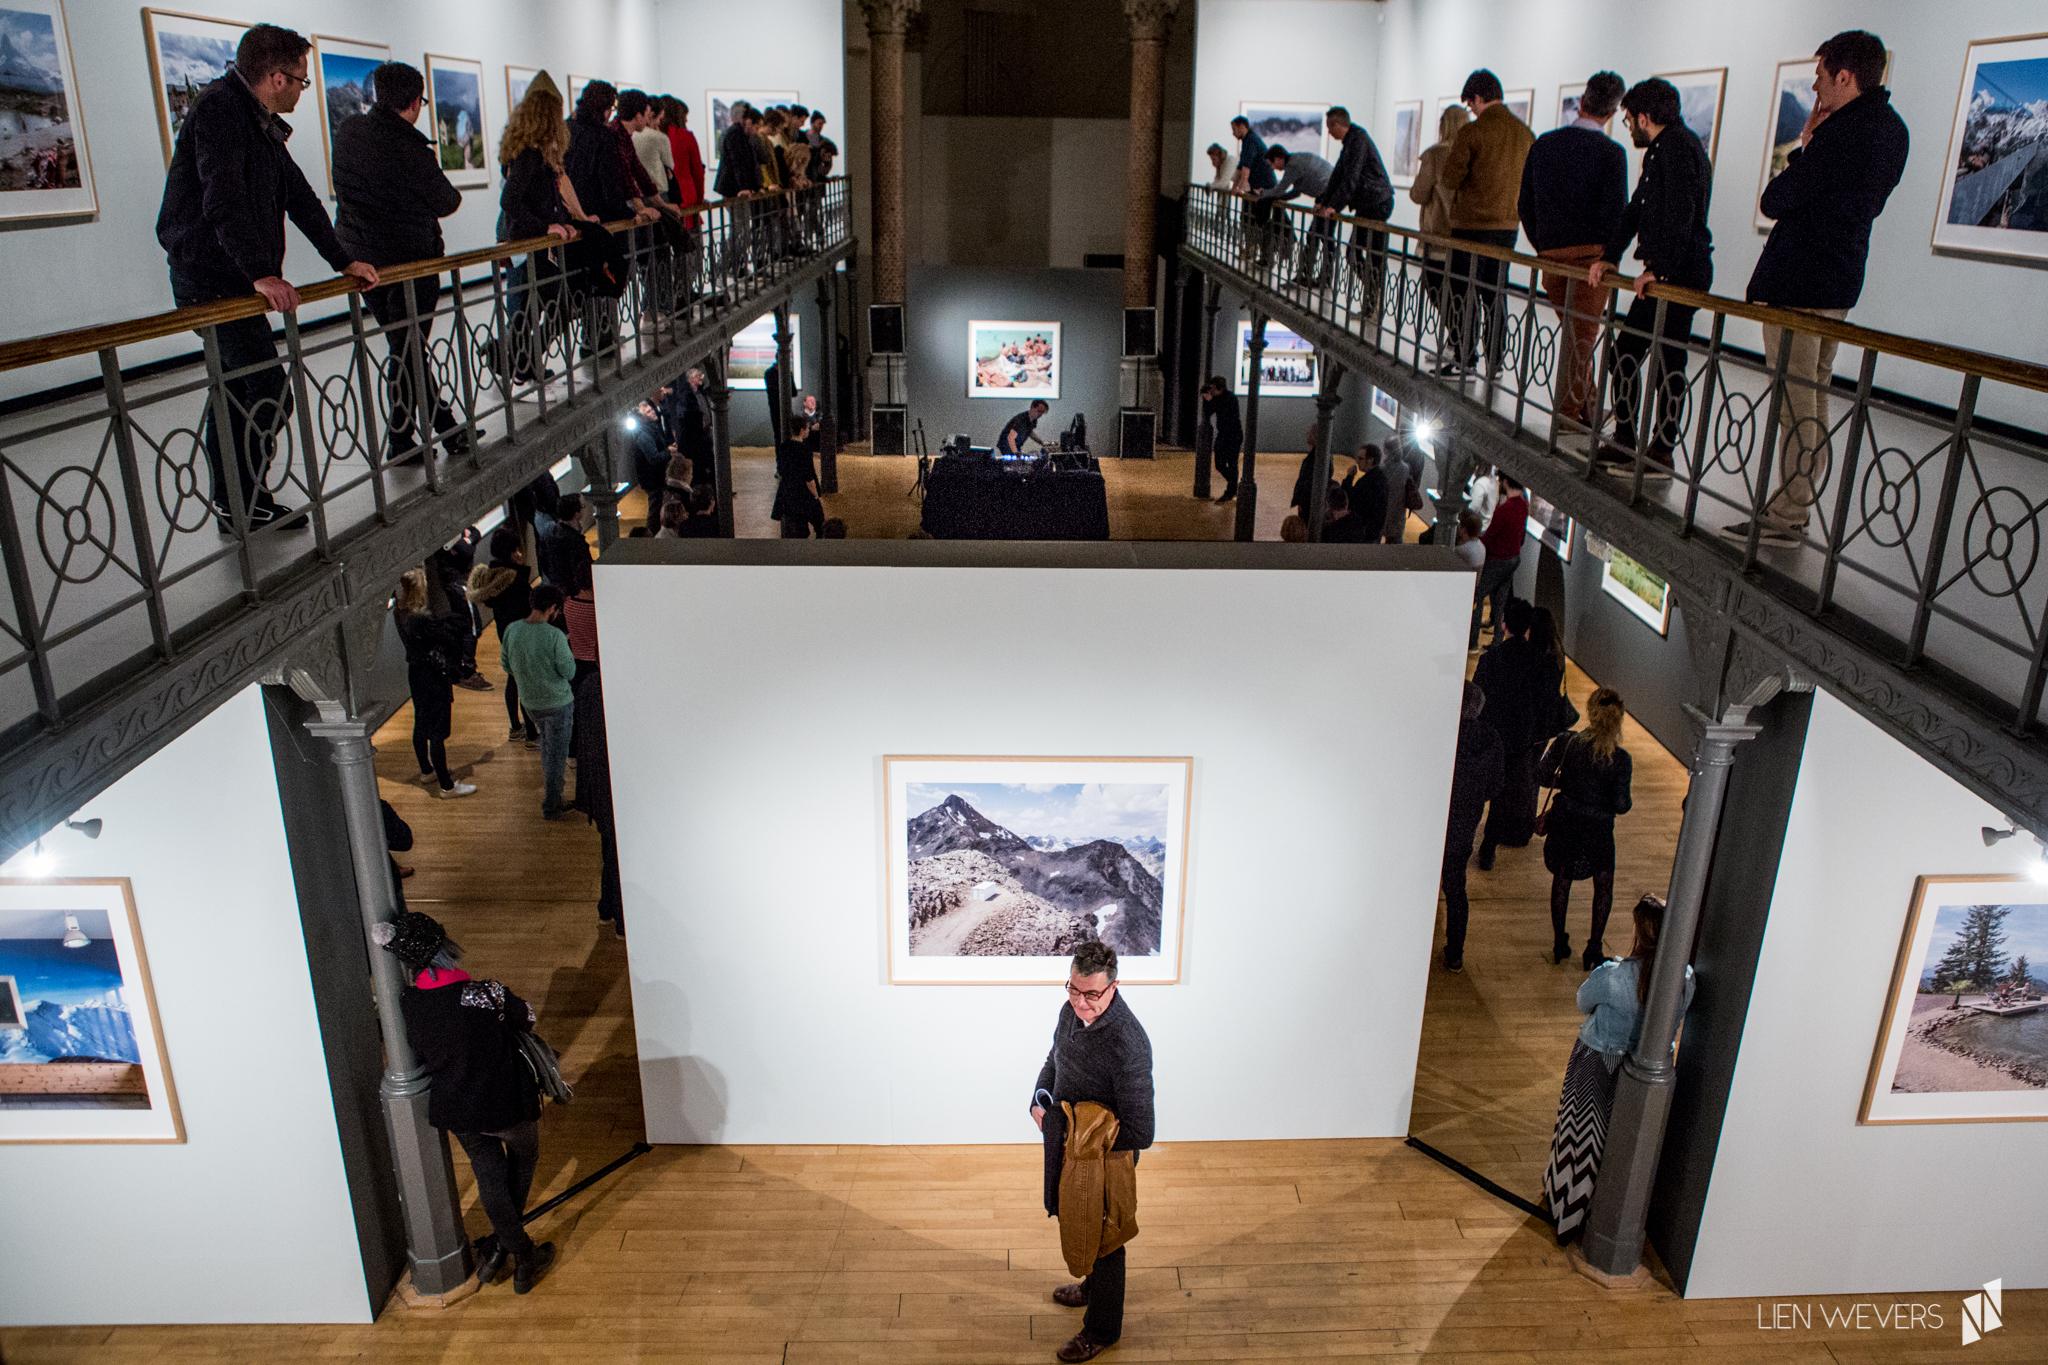 Expo 'Higher Ground' by Carl de Keyzer - music by Dave Martijn_Lien Wevers fotograaf_7.jpg